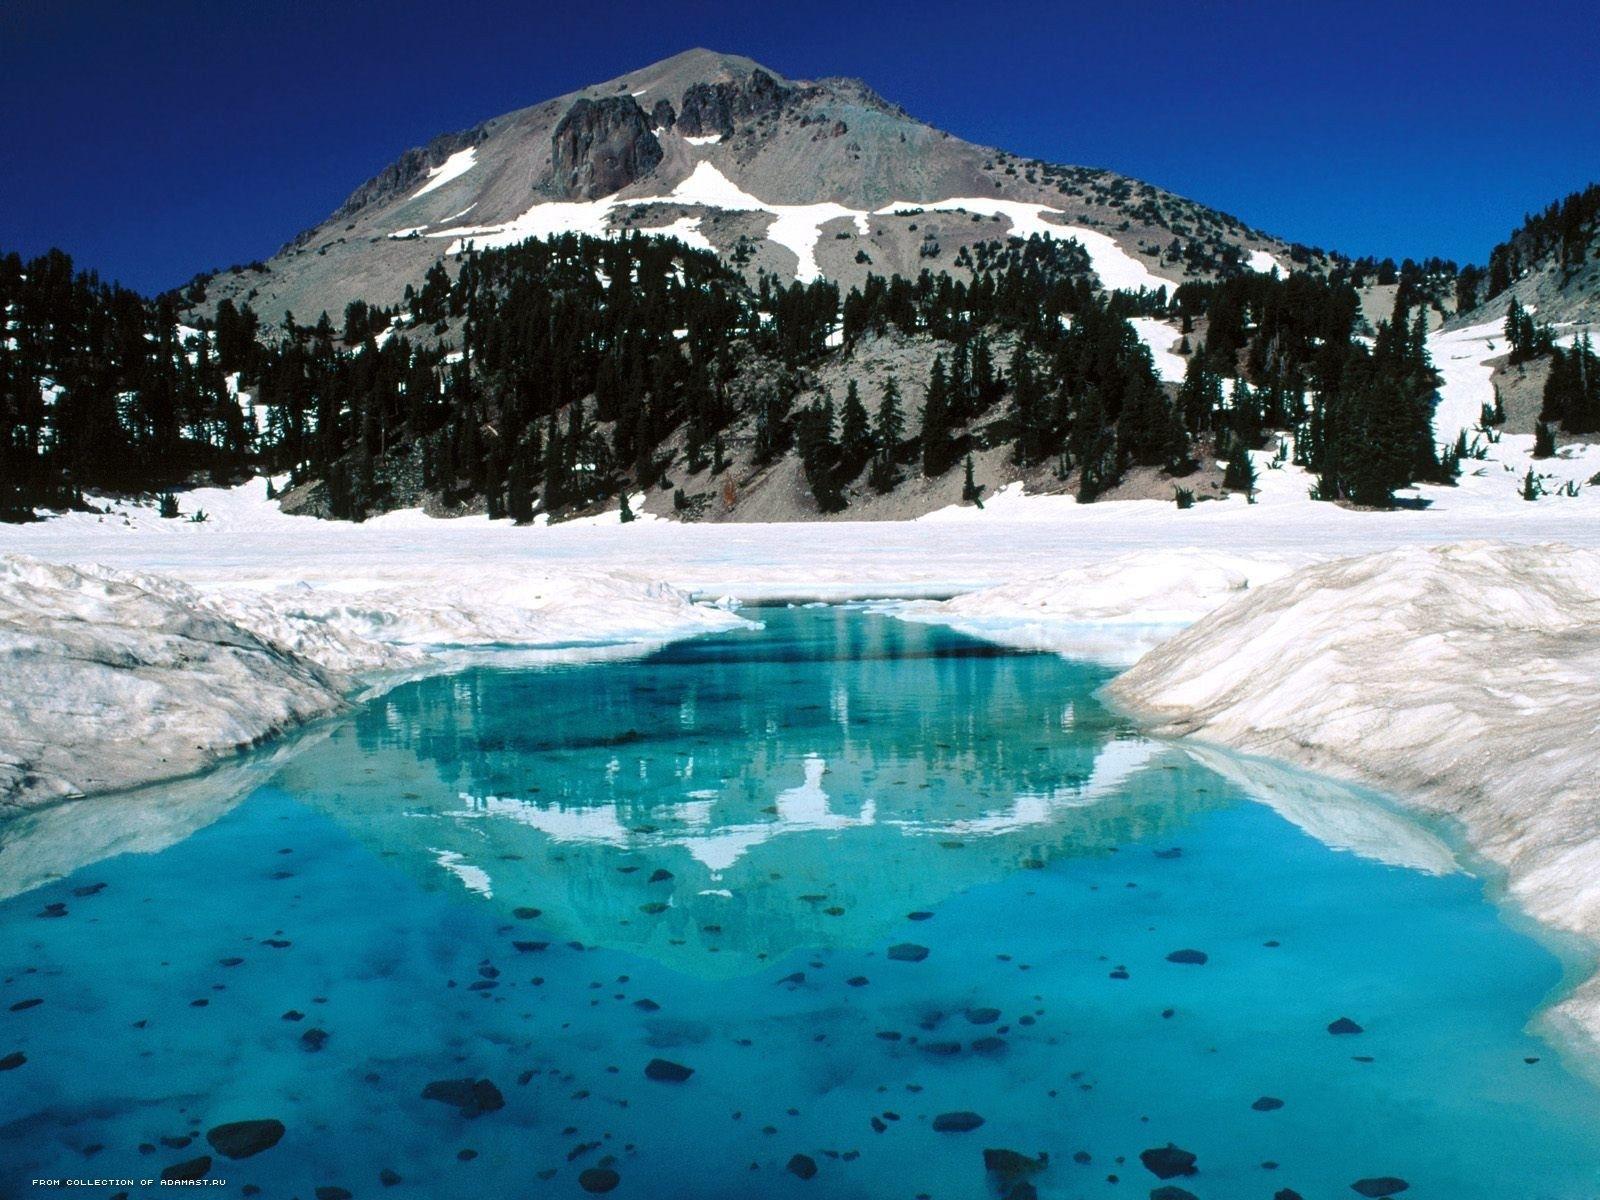 2466 скачать обои Пейзаж, Зима, Вода, Река, Горы, Снег - заставки и картинки бесплатно